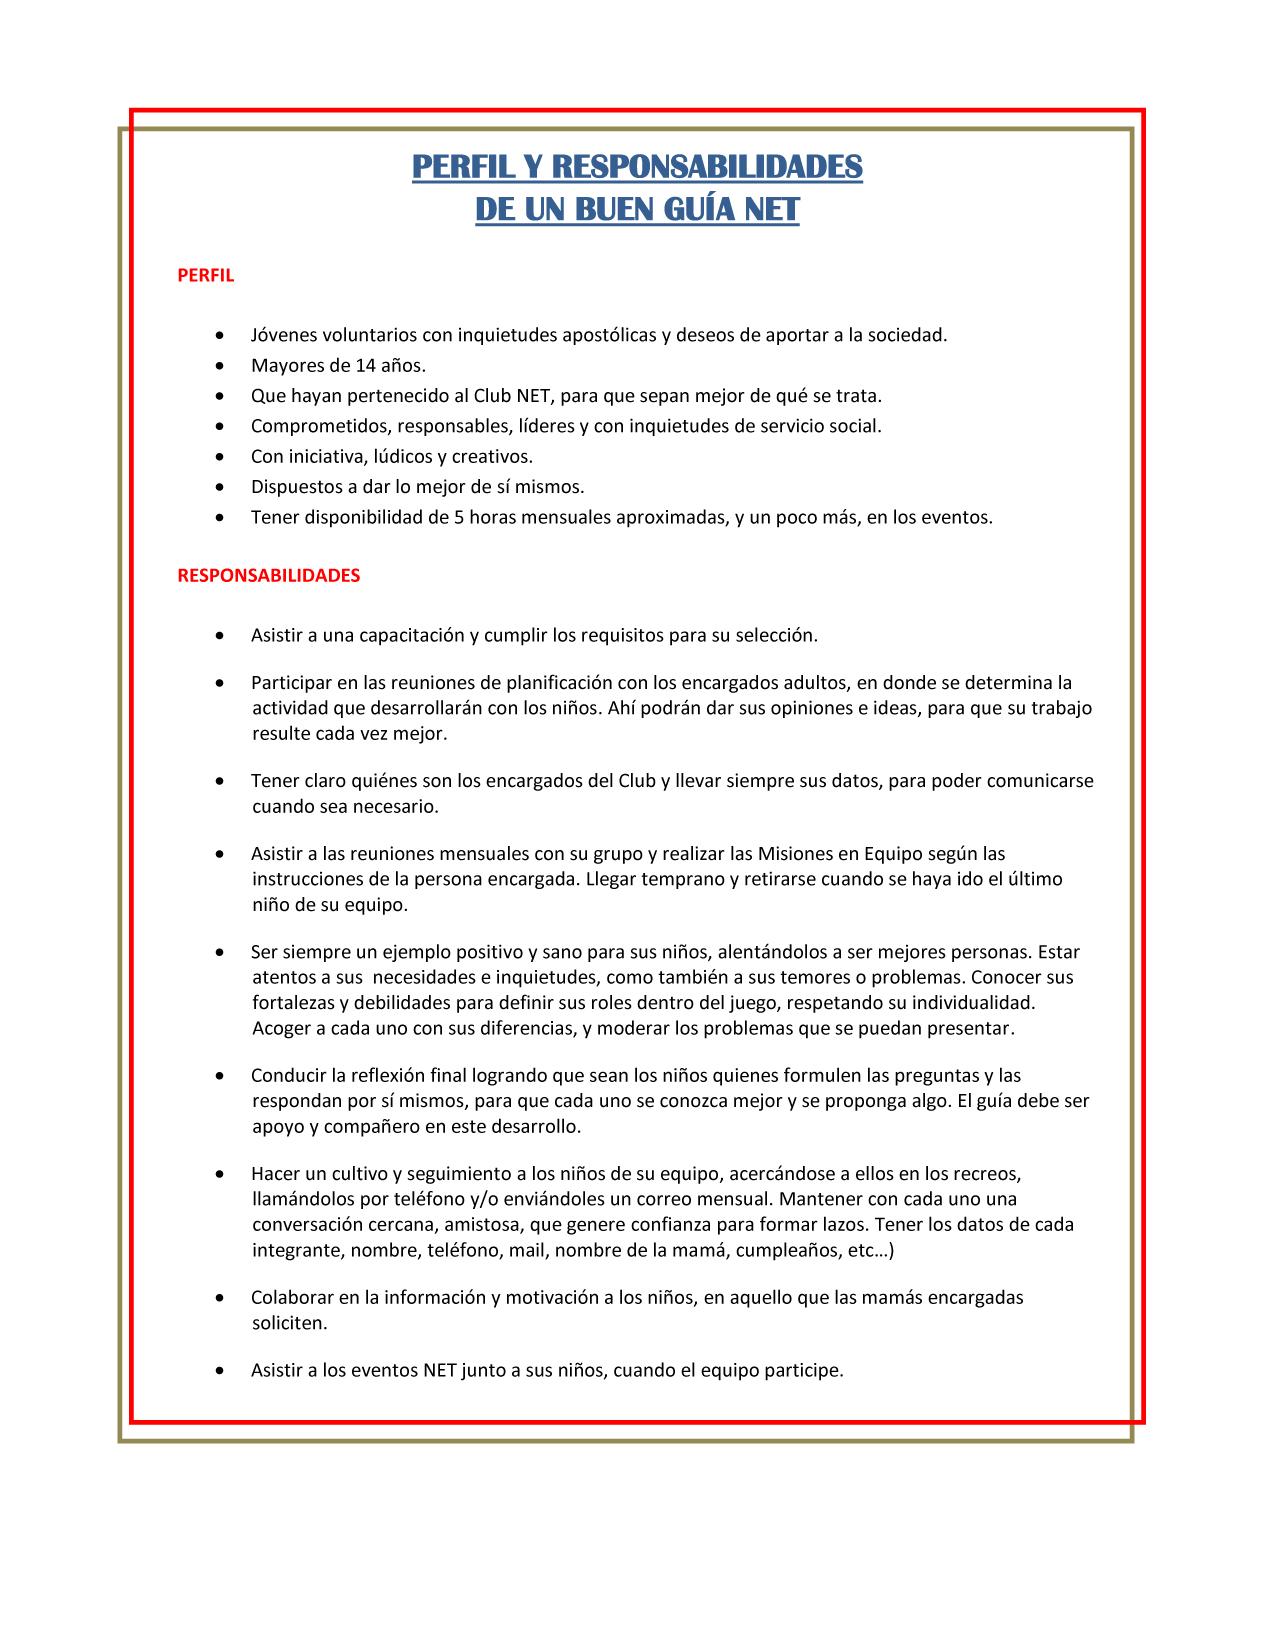 Perfil y responsabilidades del guía NET copiar